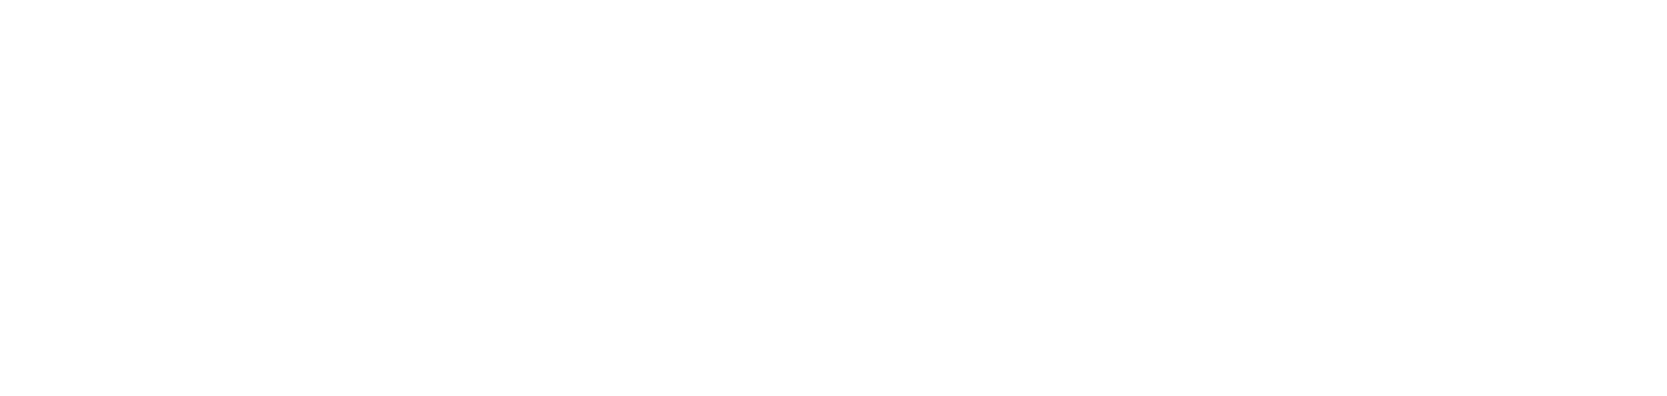 La région, Auvergne-Rhône-Alpes